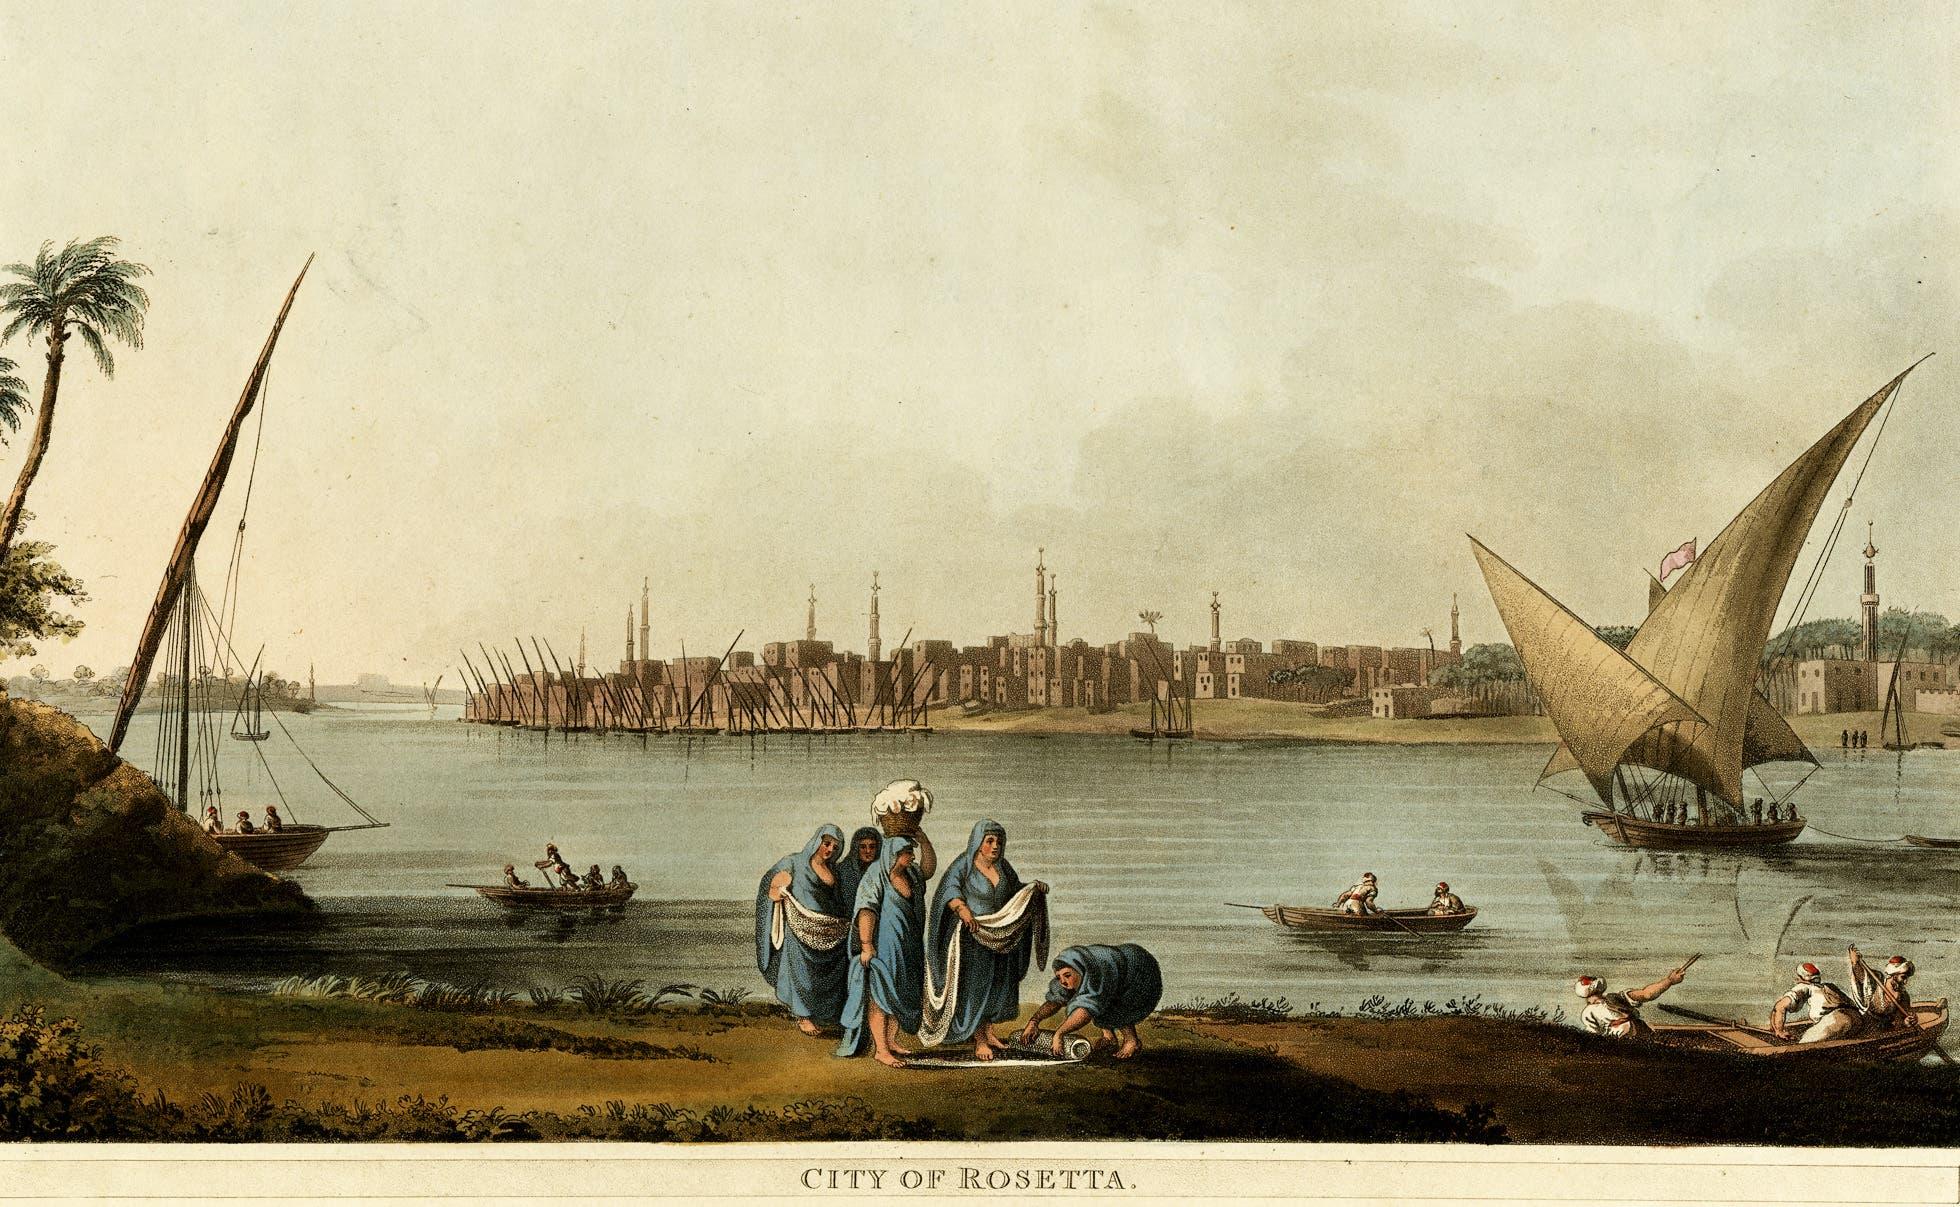 رسم تخيلي لمدينة رشيد قديما